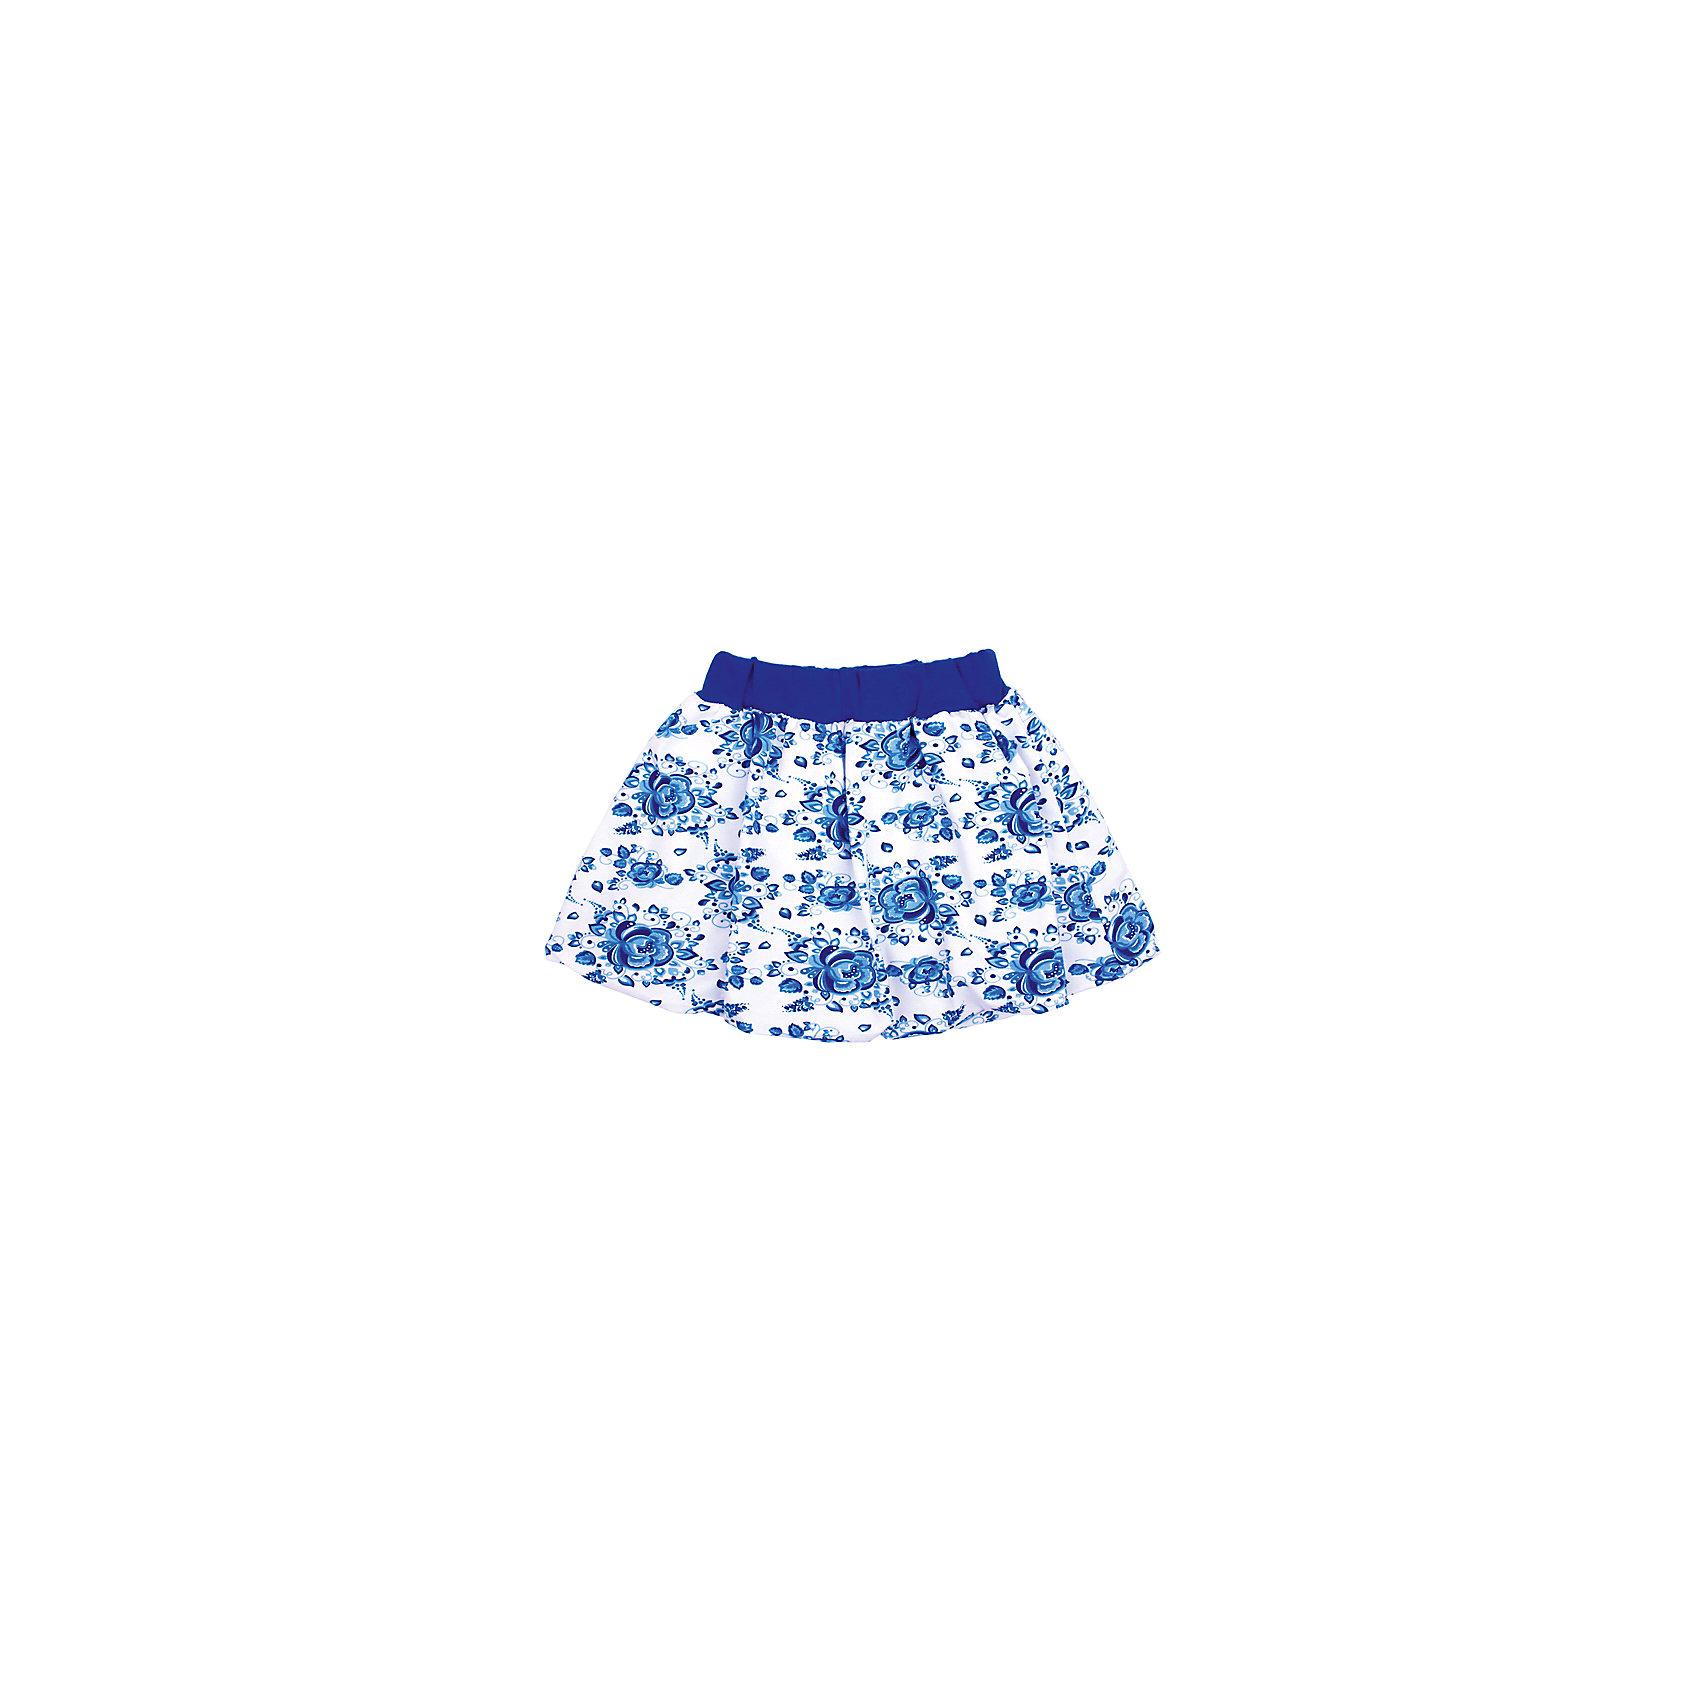 Юбка АпрельЮбки<br>Пышная юбка выполнена из мягкого хлопка. Благодаря плотному и эластичному полотну, изделие не сковывает движения. Изделие имеет эластичный пояс, украшена дизайнерской набивкой. Оригинальный дизайн и модная расцветка делают ее незаменимым предметом детского гардероба. Состав: 92% хлопок, 8% лайкра<br><br>Ширина мм: 207<br>Глубина мм: 10<br>Высота мм: 189<br>Вес г: 183<br>Цвет: синий<br>Возраст от месяцев: 48<br>Возраст до месяцев: 60<br>Пол: Женский<br>Возраст: Детский<br>Размер: 92,116,128,122,110,104,98,86<br>SKU: 4630790